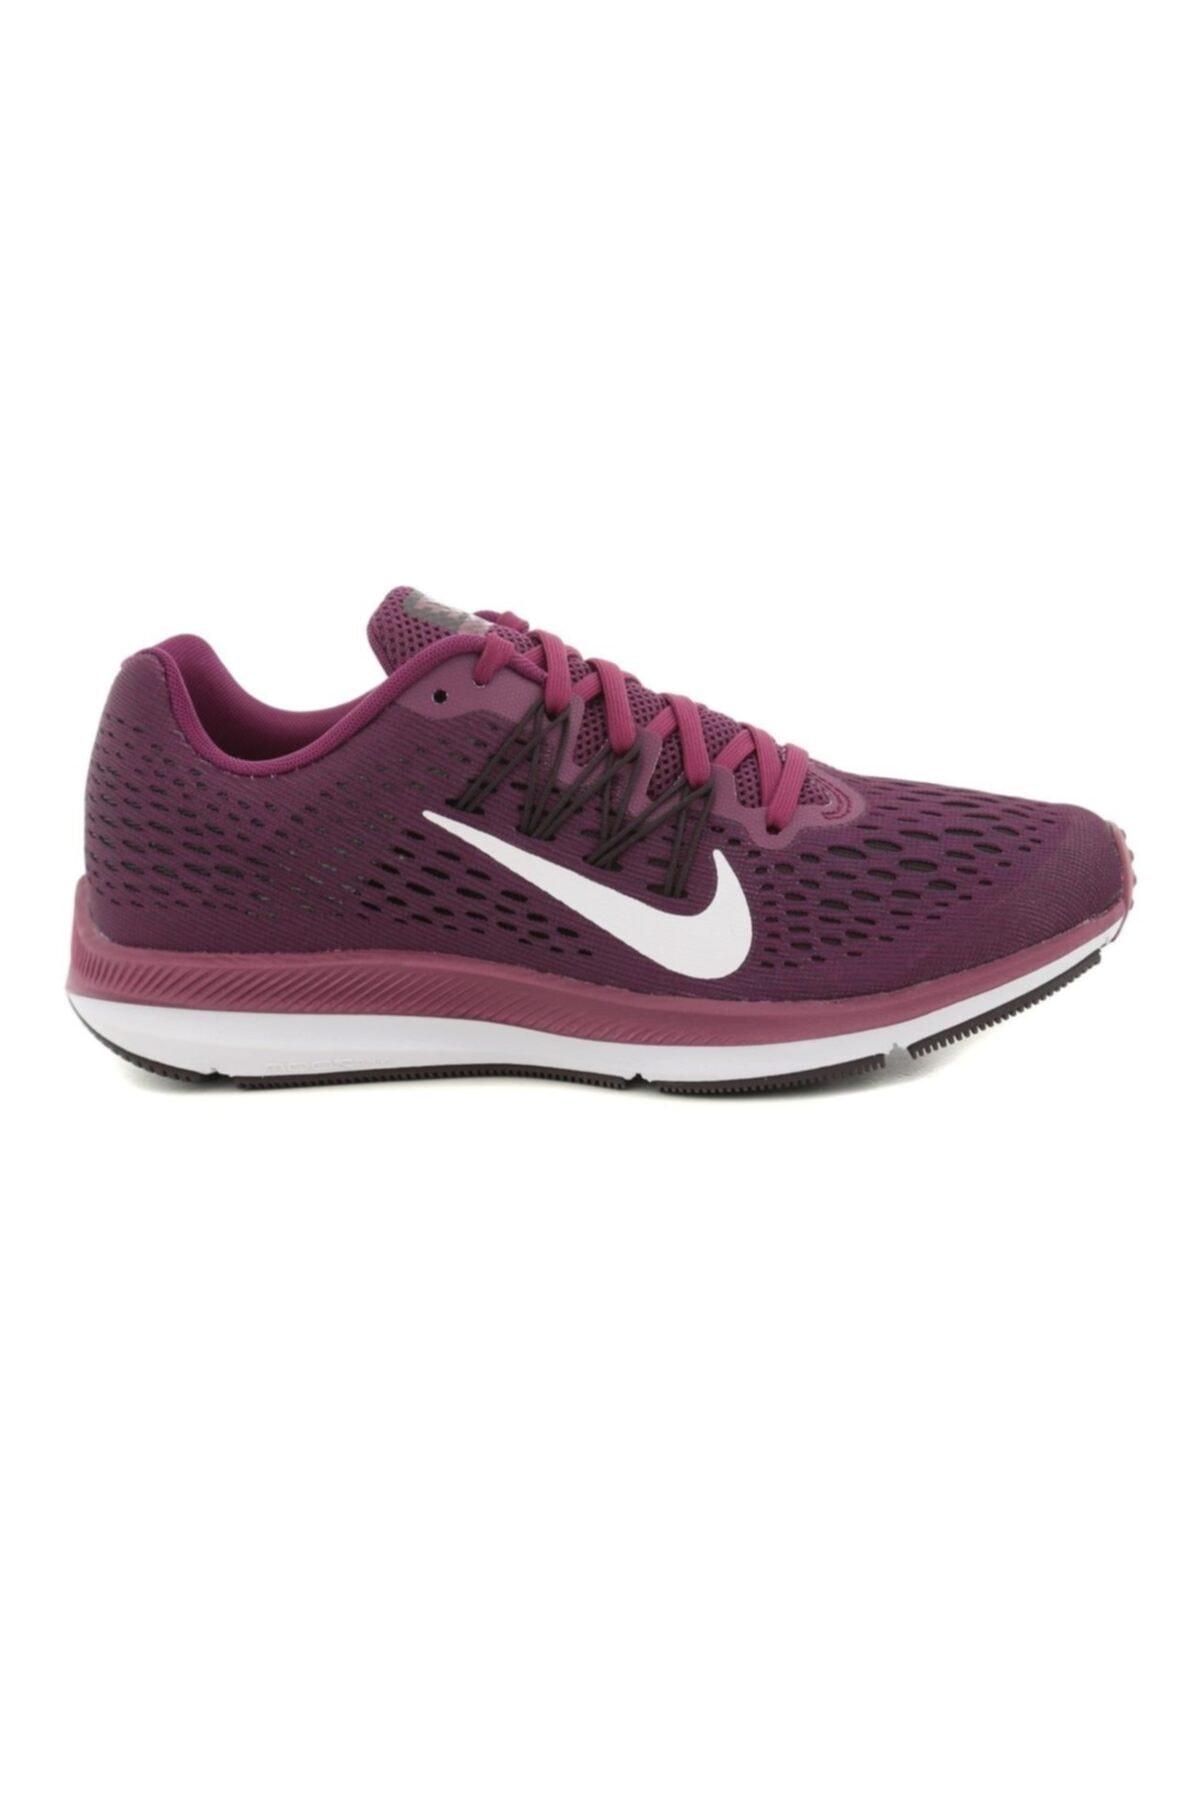 Nike Zoom Winflo 5 Aa7414-603 Günlük Spor Ayakkabısı 1